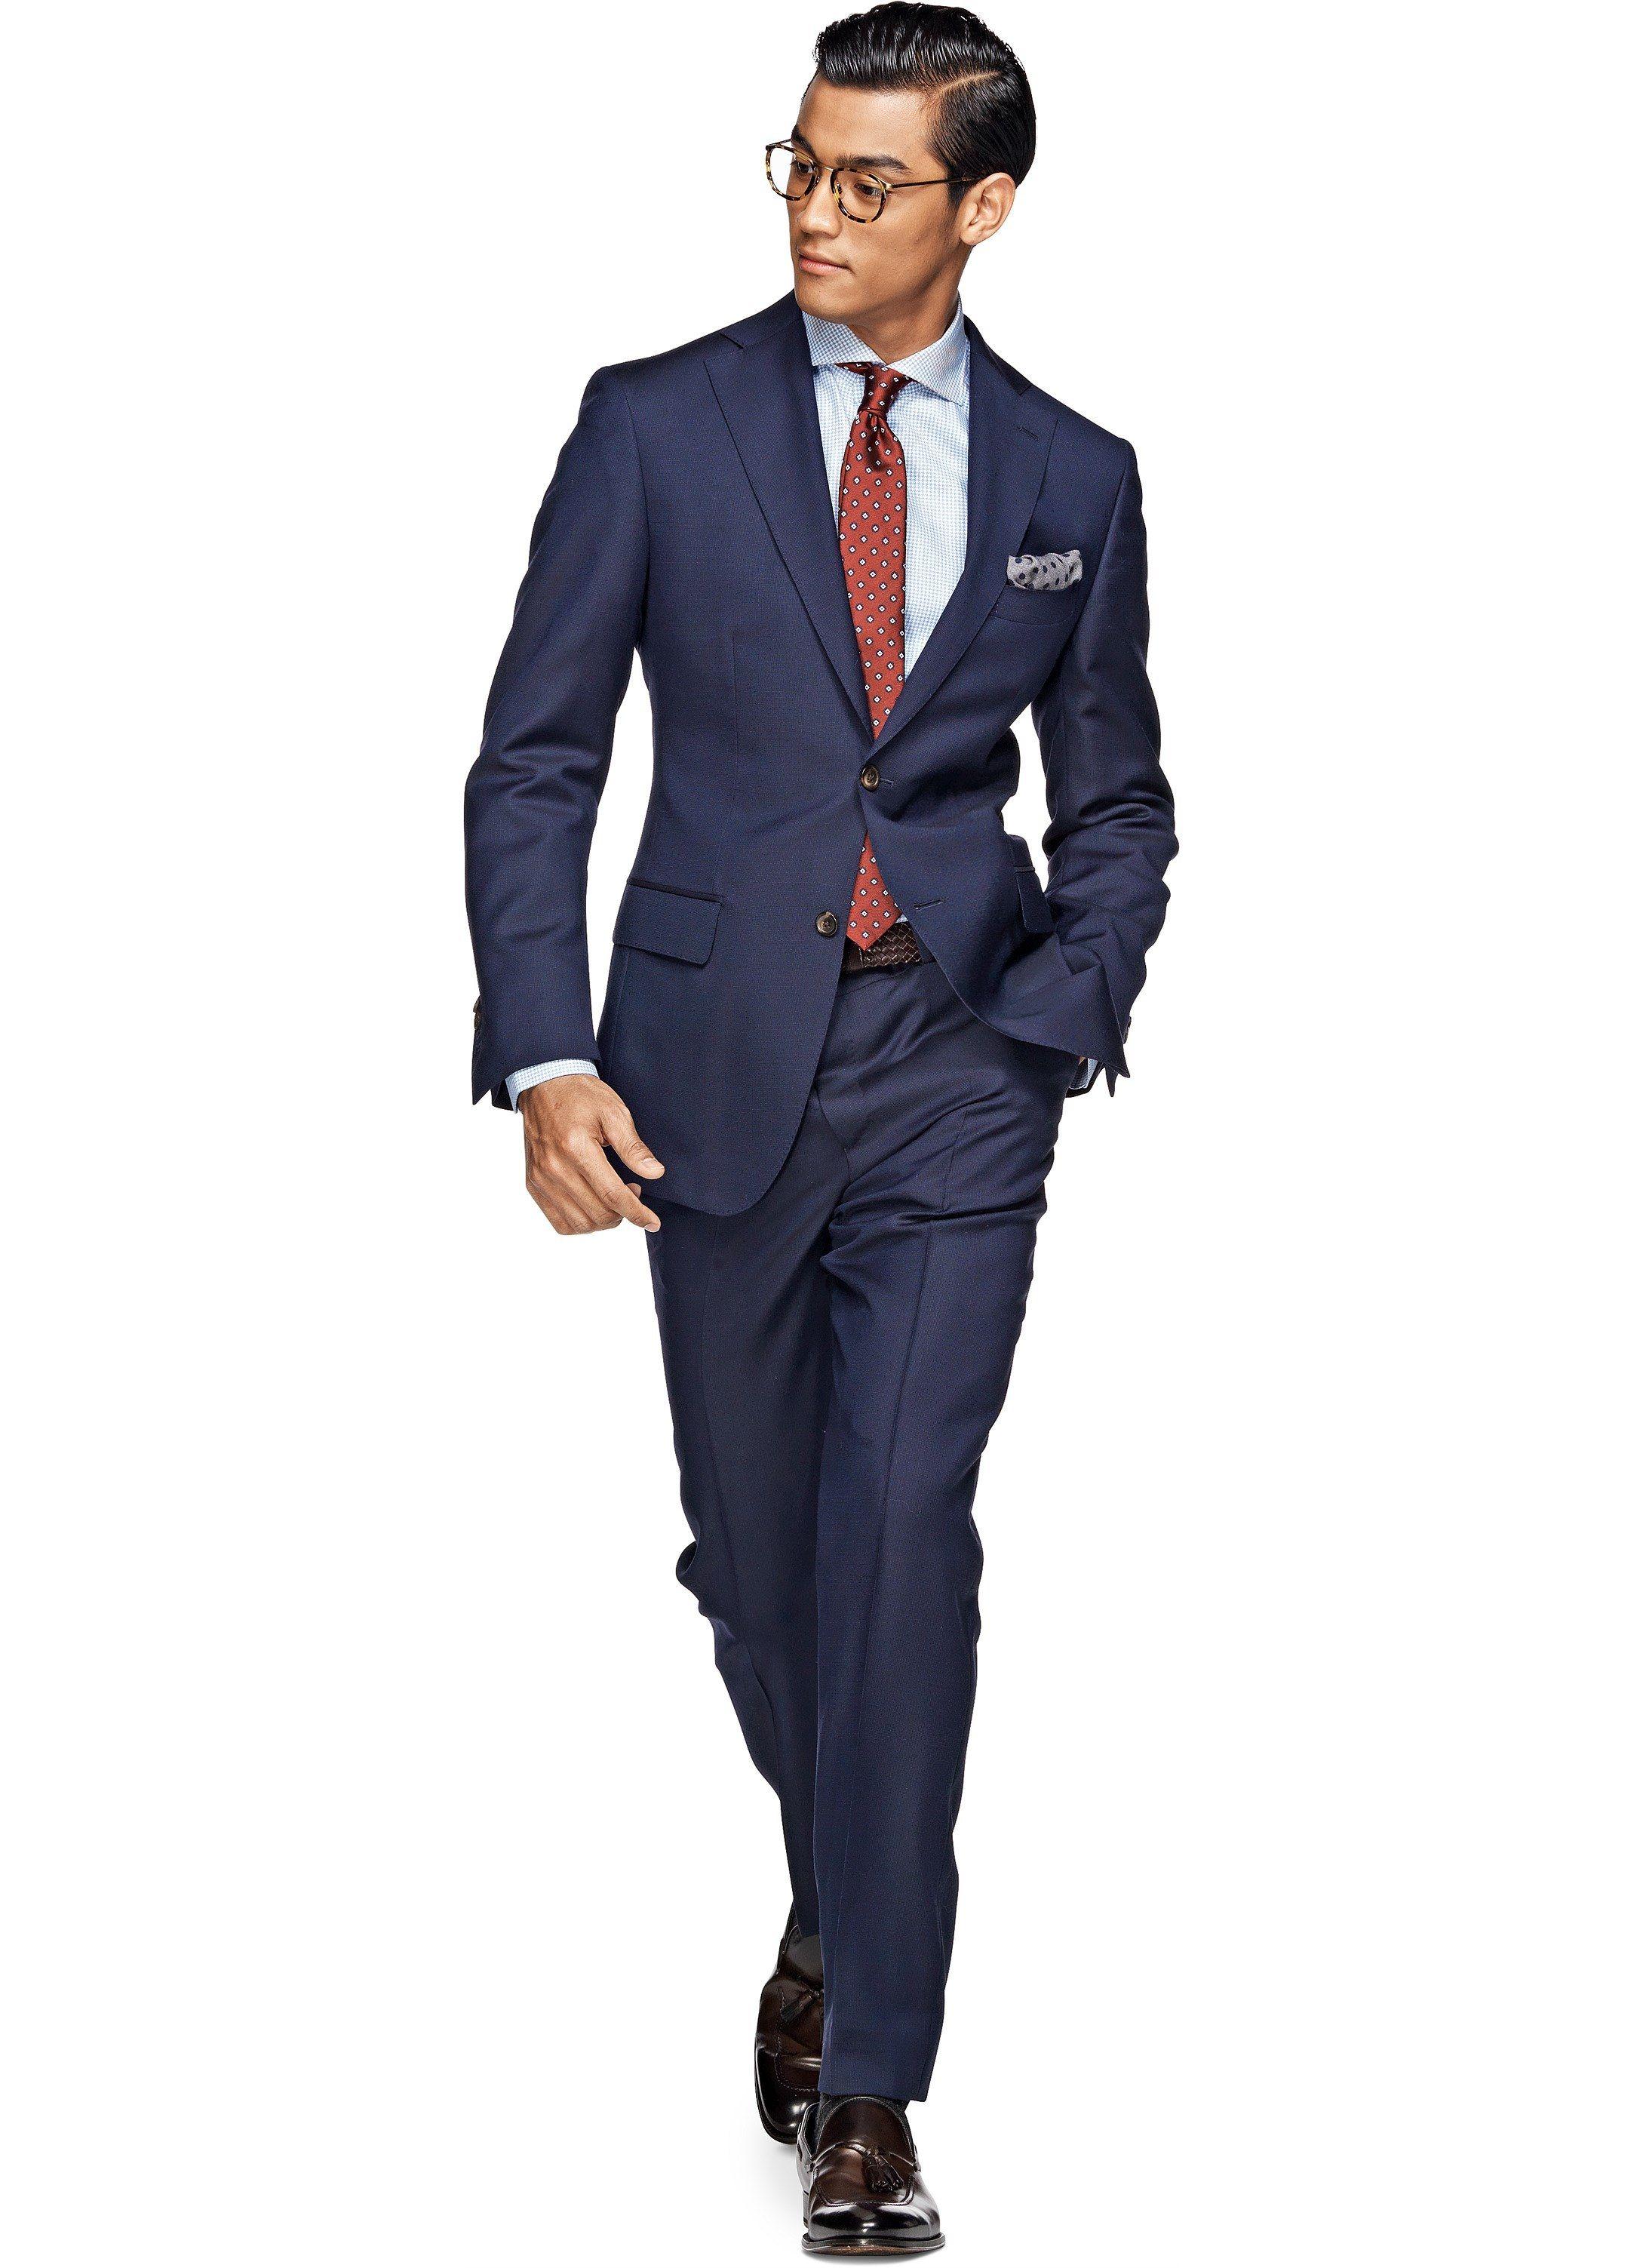 comment s 39 habiller quand on est invit un mariage conseils homme costumes classique et. Black Bedroom Furniture Sets. Home Design Ideas